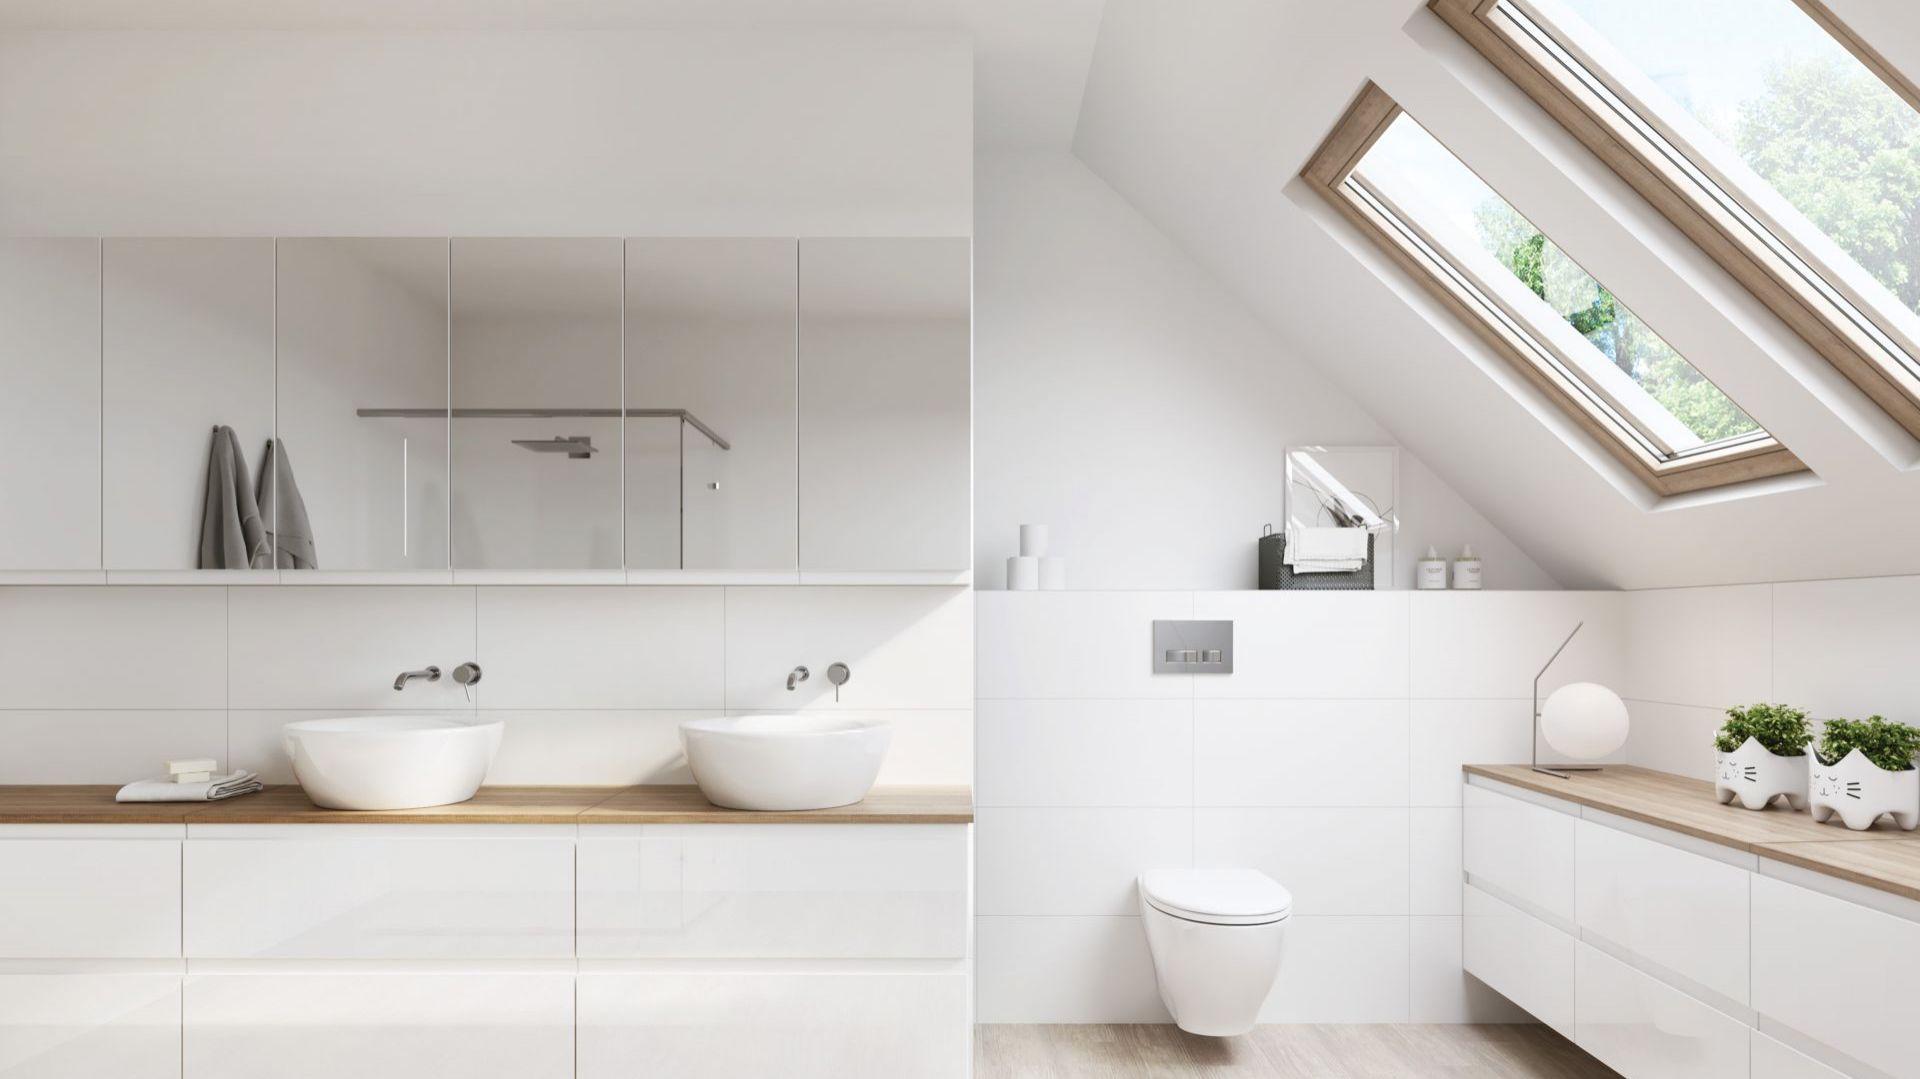 W utrzymaniu porządku w łazience pomocne będą najnowsze technologie stosowane przy produkcji ceramiki.  Fot. mat. prasowe Cersanit S.A.